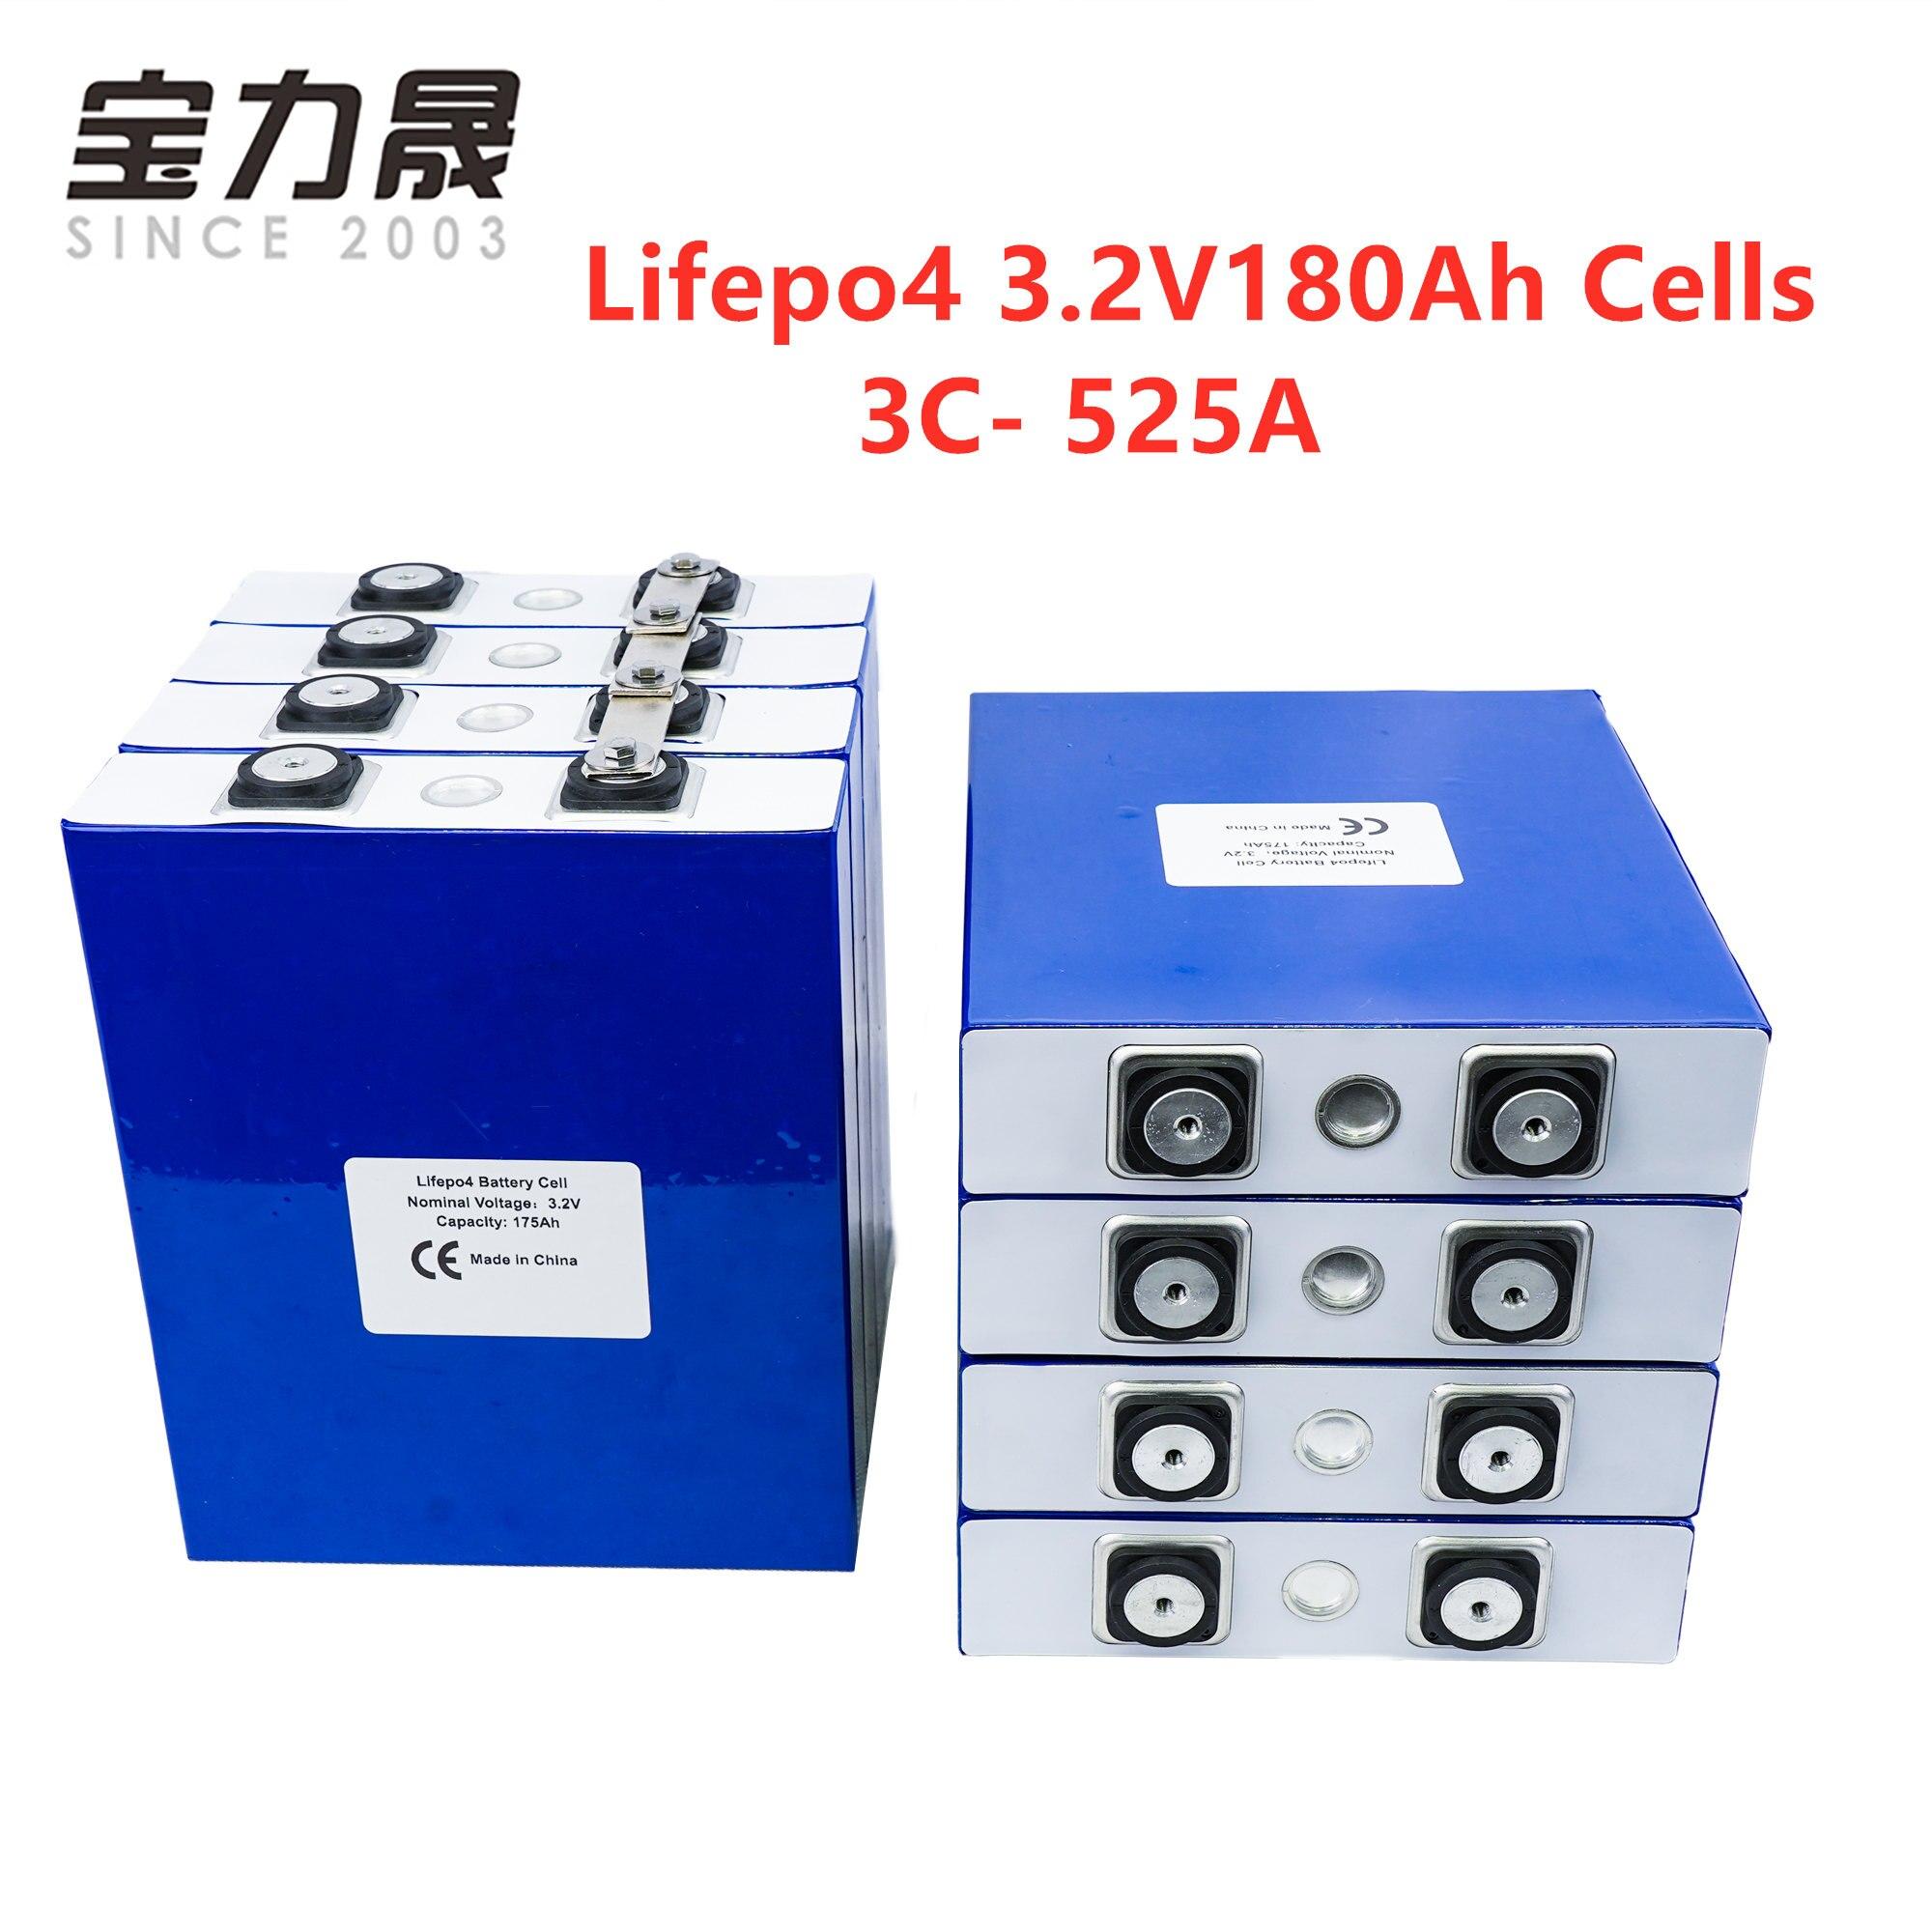 8 pièces 3.2V175Ah lifepo4 batterie Lithium fer Phosphate Cycle cellulaire 200AH 3C 500A solaire 24V 176Ah pas 180Ah ue US sans taxe